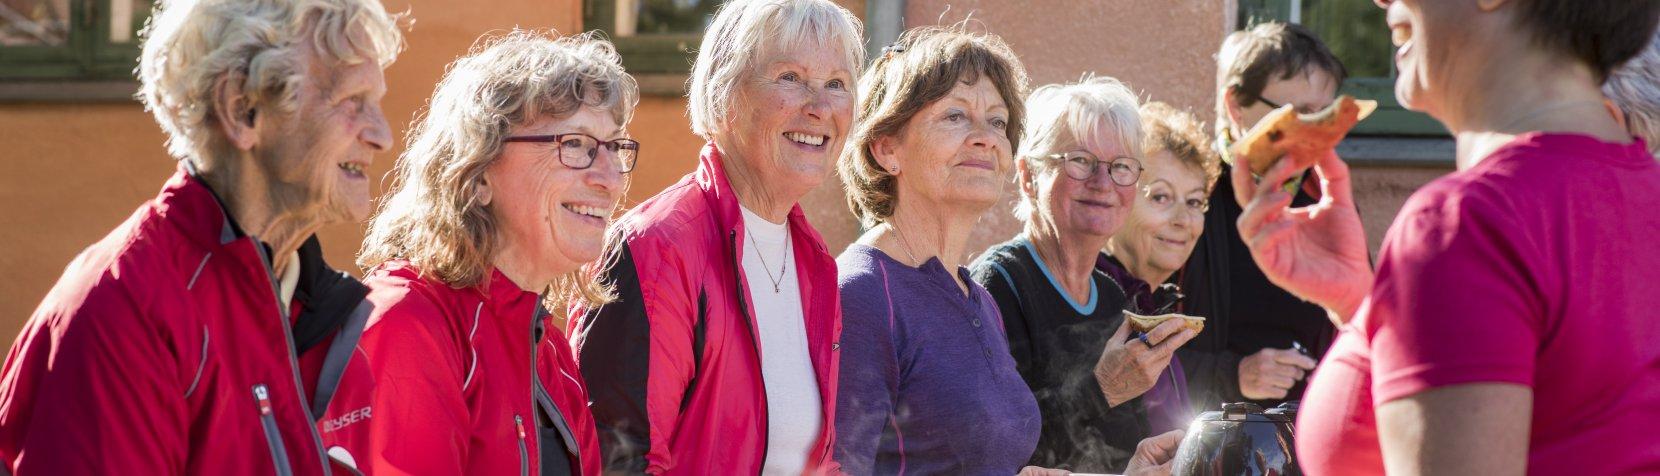 Grøn puls - kvinder i snak